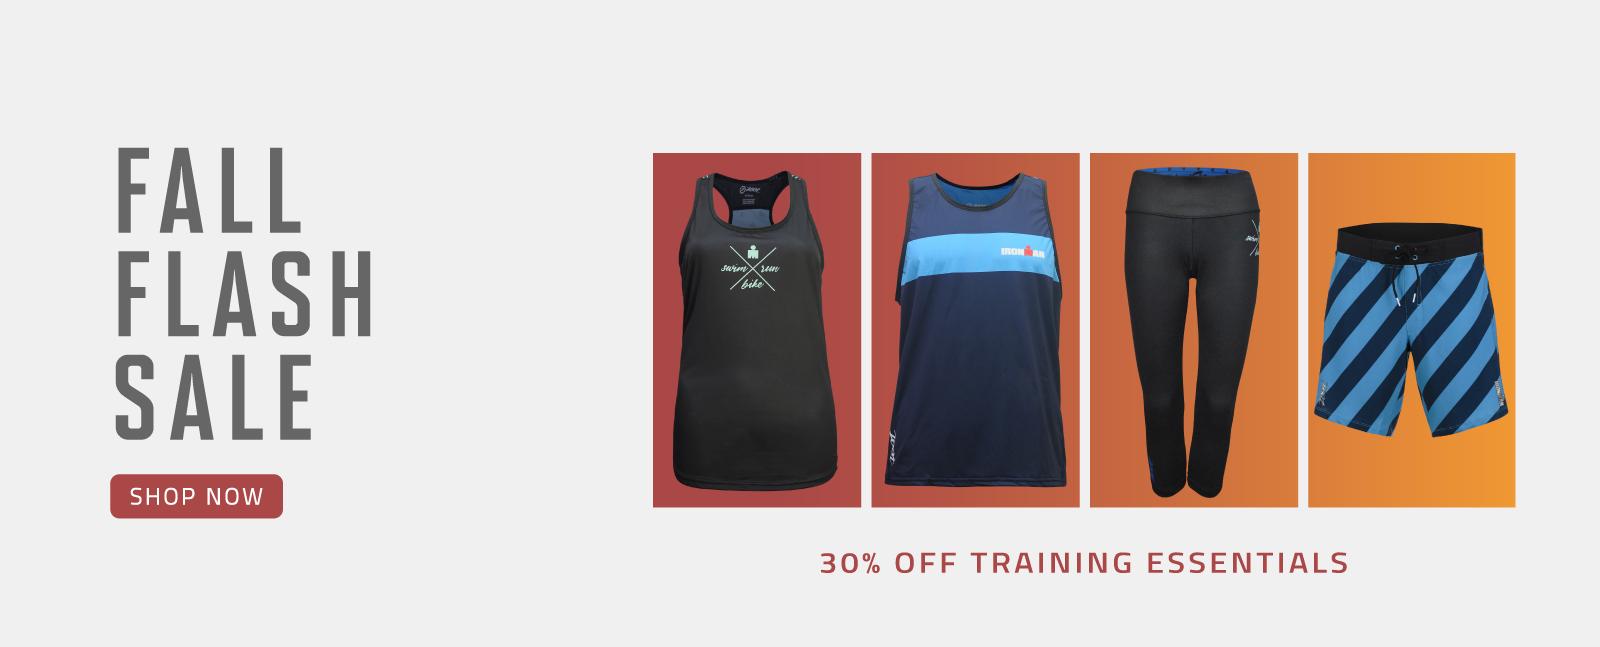 Fall Flash Sale - 30% off Training Essentials